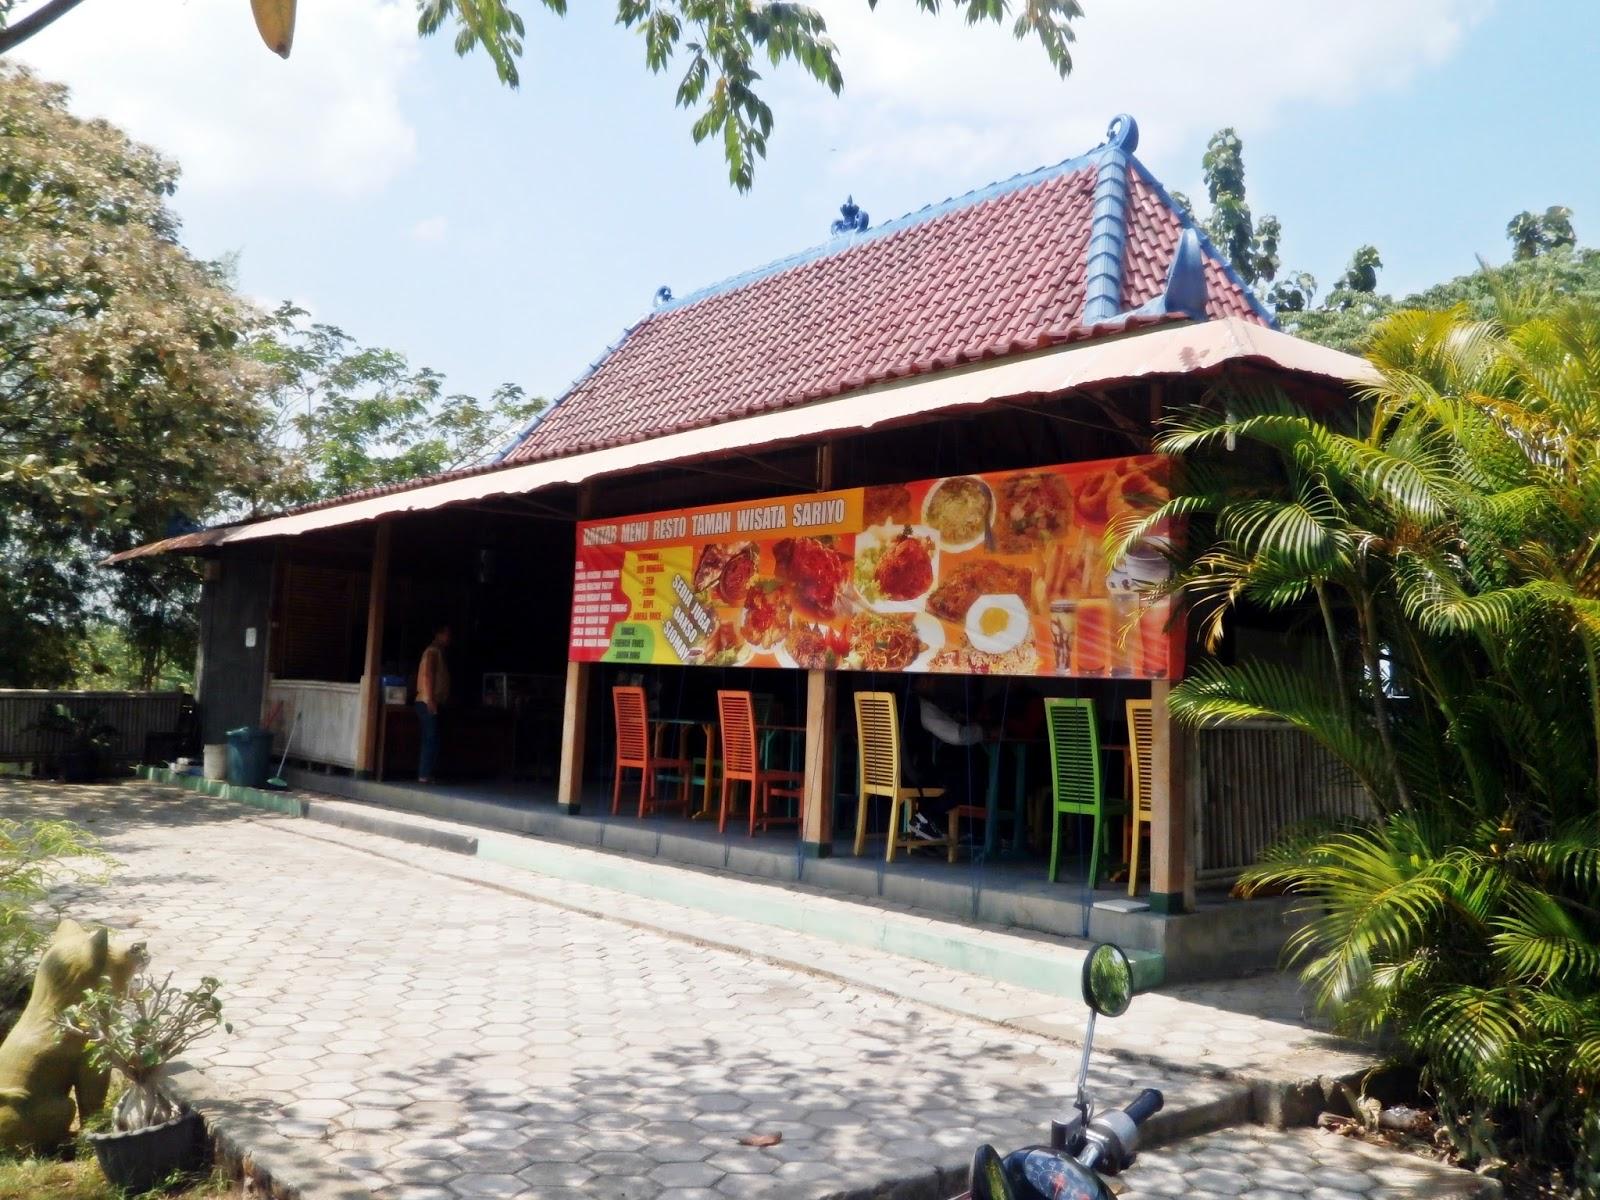 Fasilitas Taman Wisata Sariyo Rumah Makan Kab Bojonegoro